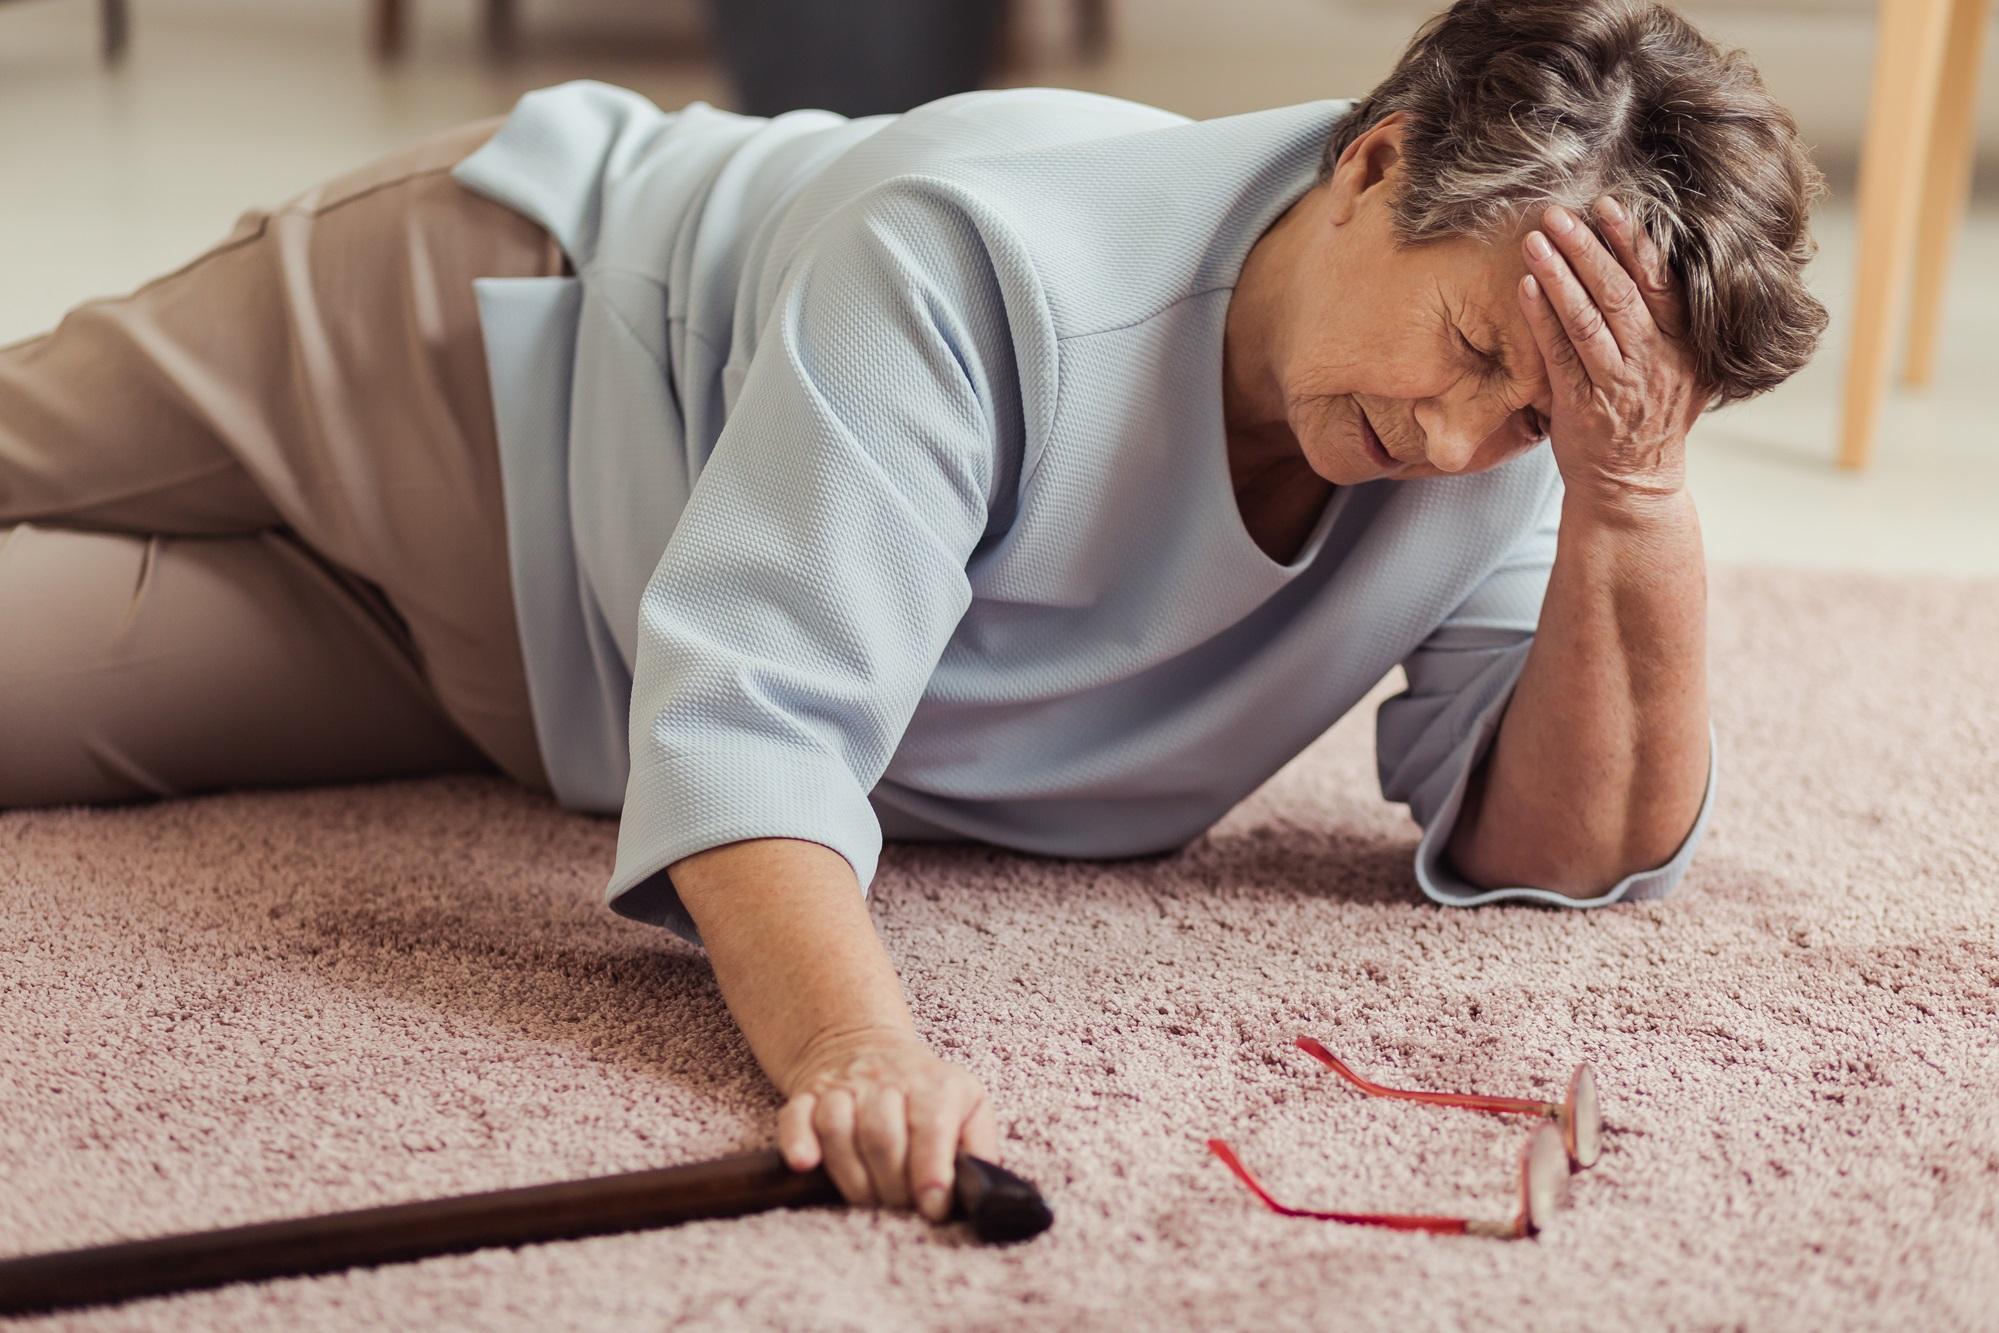 Fall Prevention Techniques for Stroke Survivors